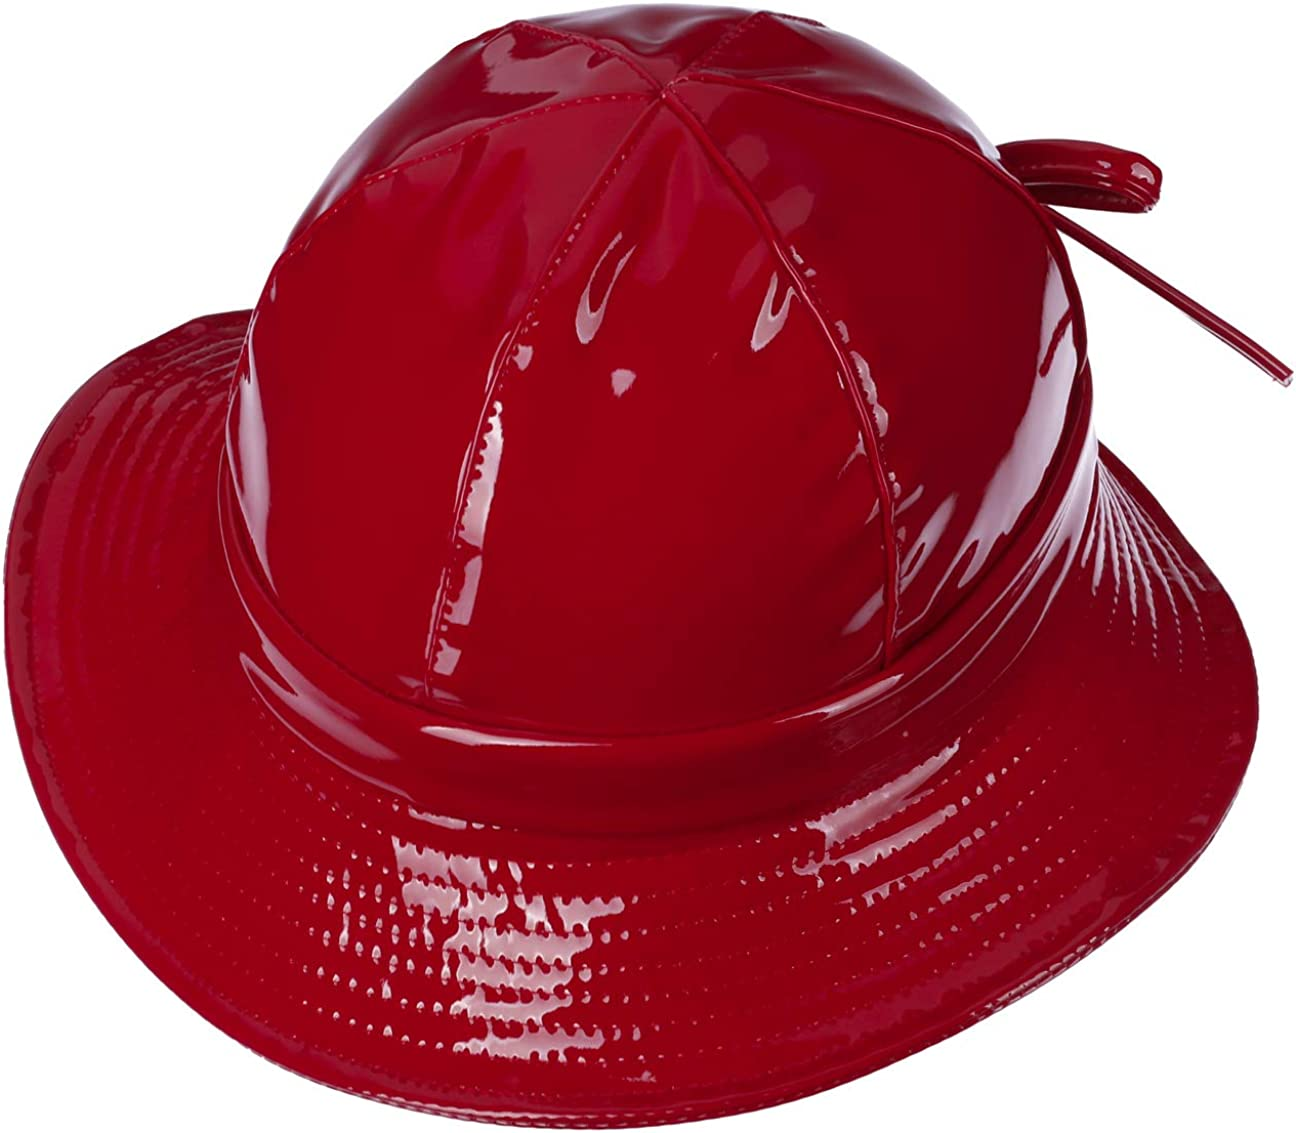 Laque Resistant McBURN Chapeau de Pluie Verni Femme e aux intemperies avec Doublure Printemps-ete Taille Unique Rouge